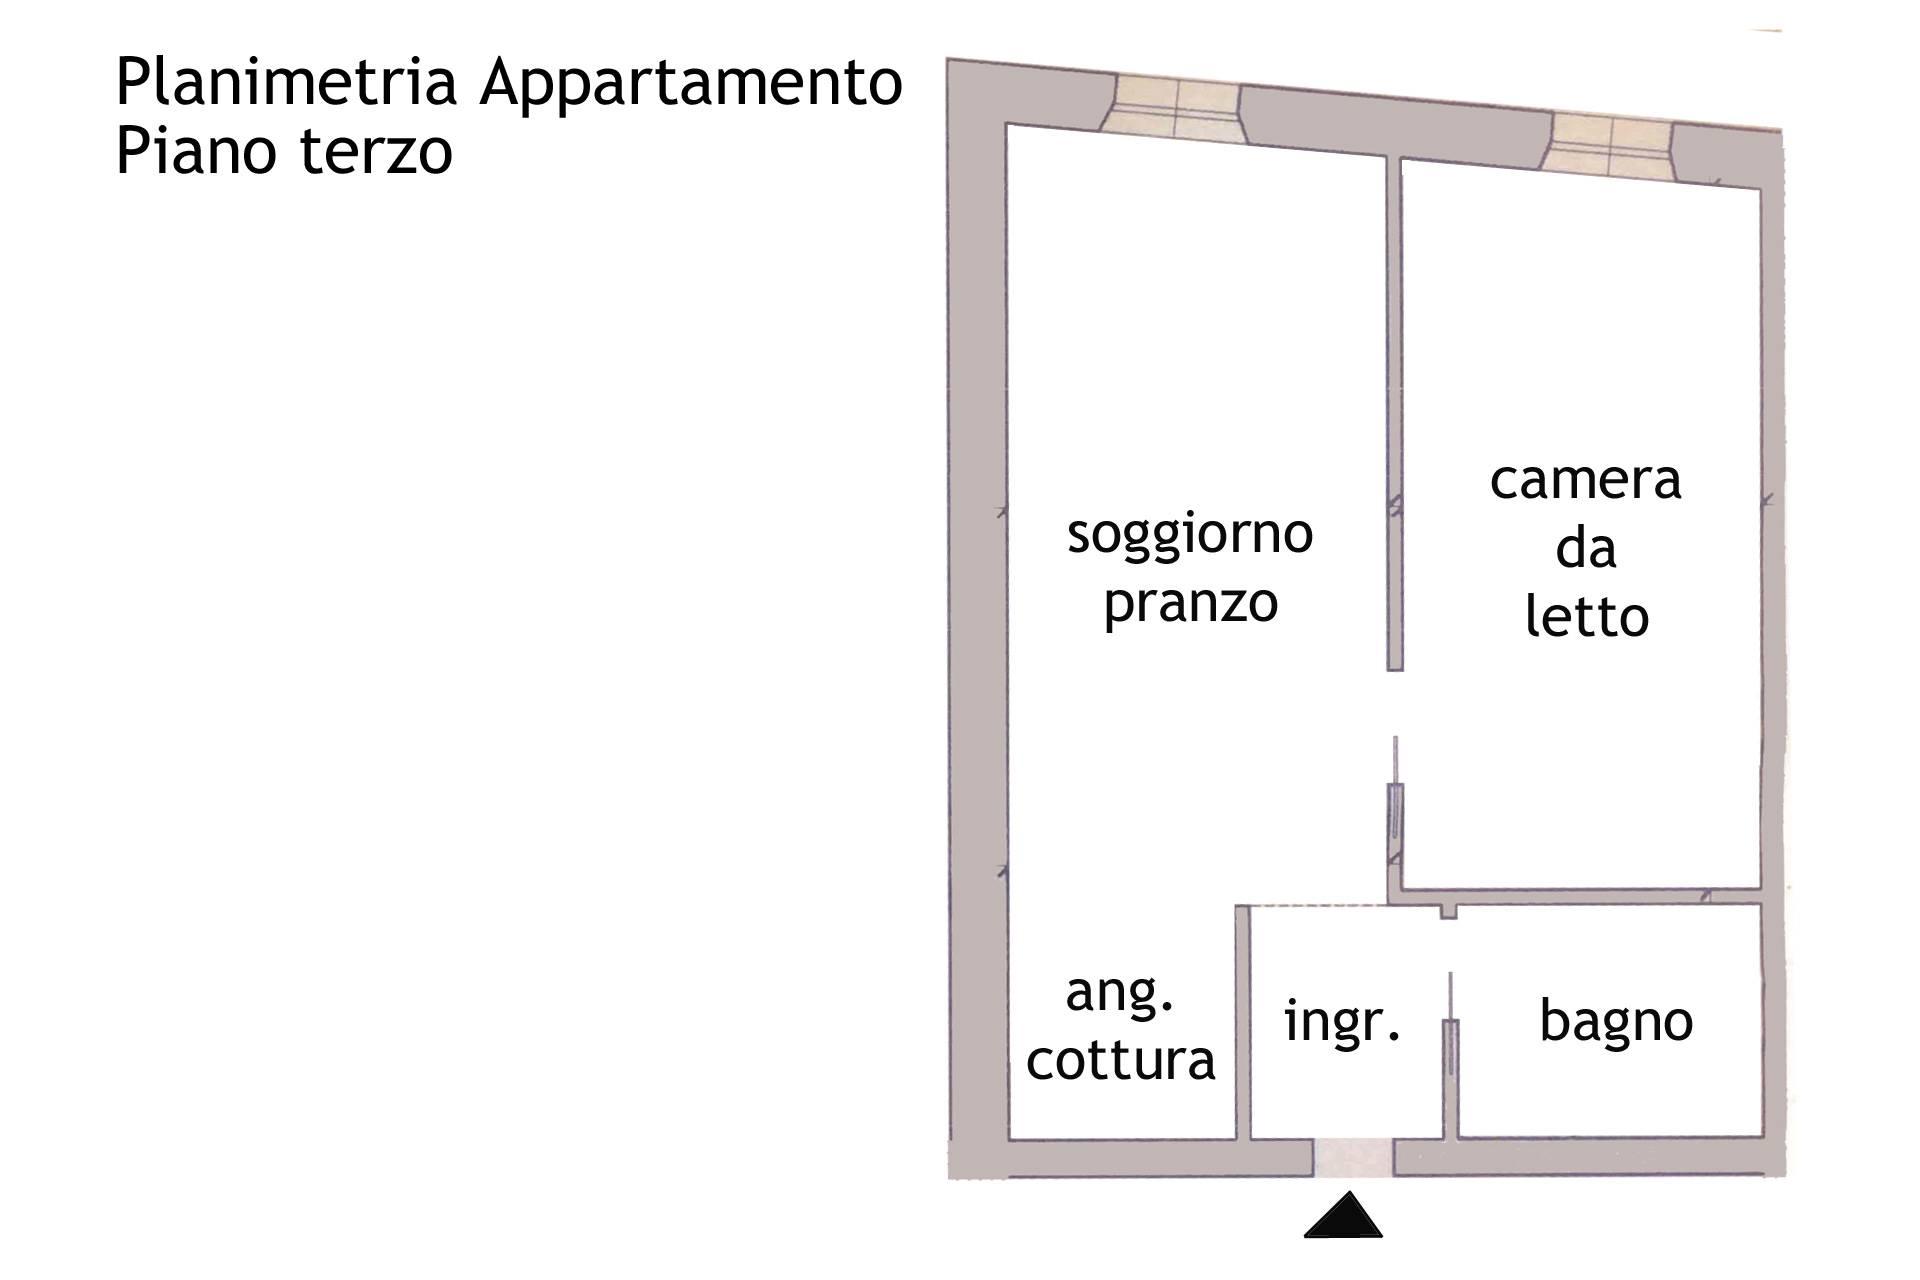 R/39_planimetria appartamento